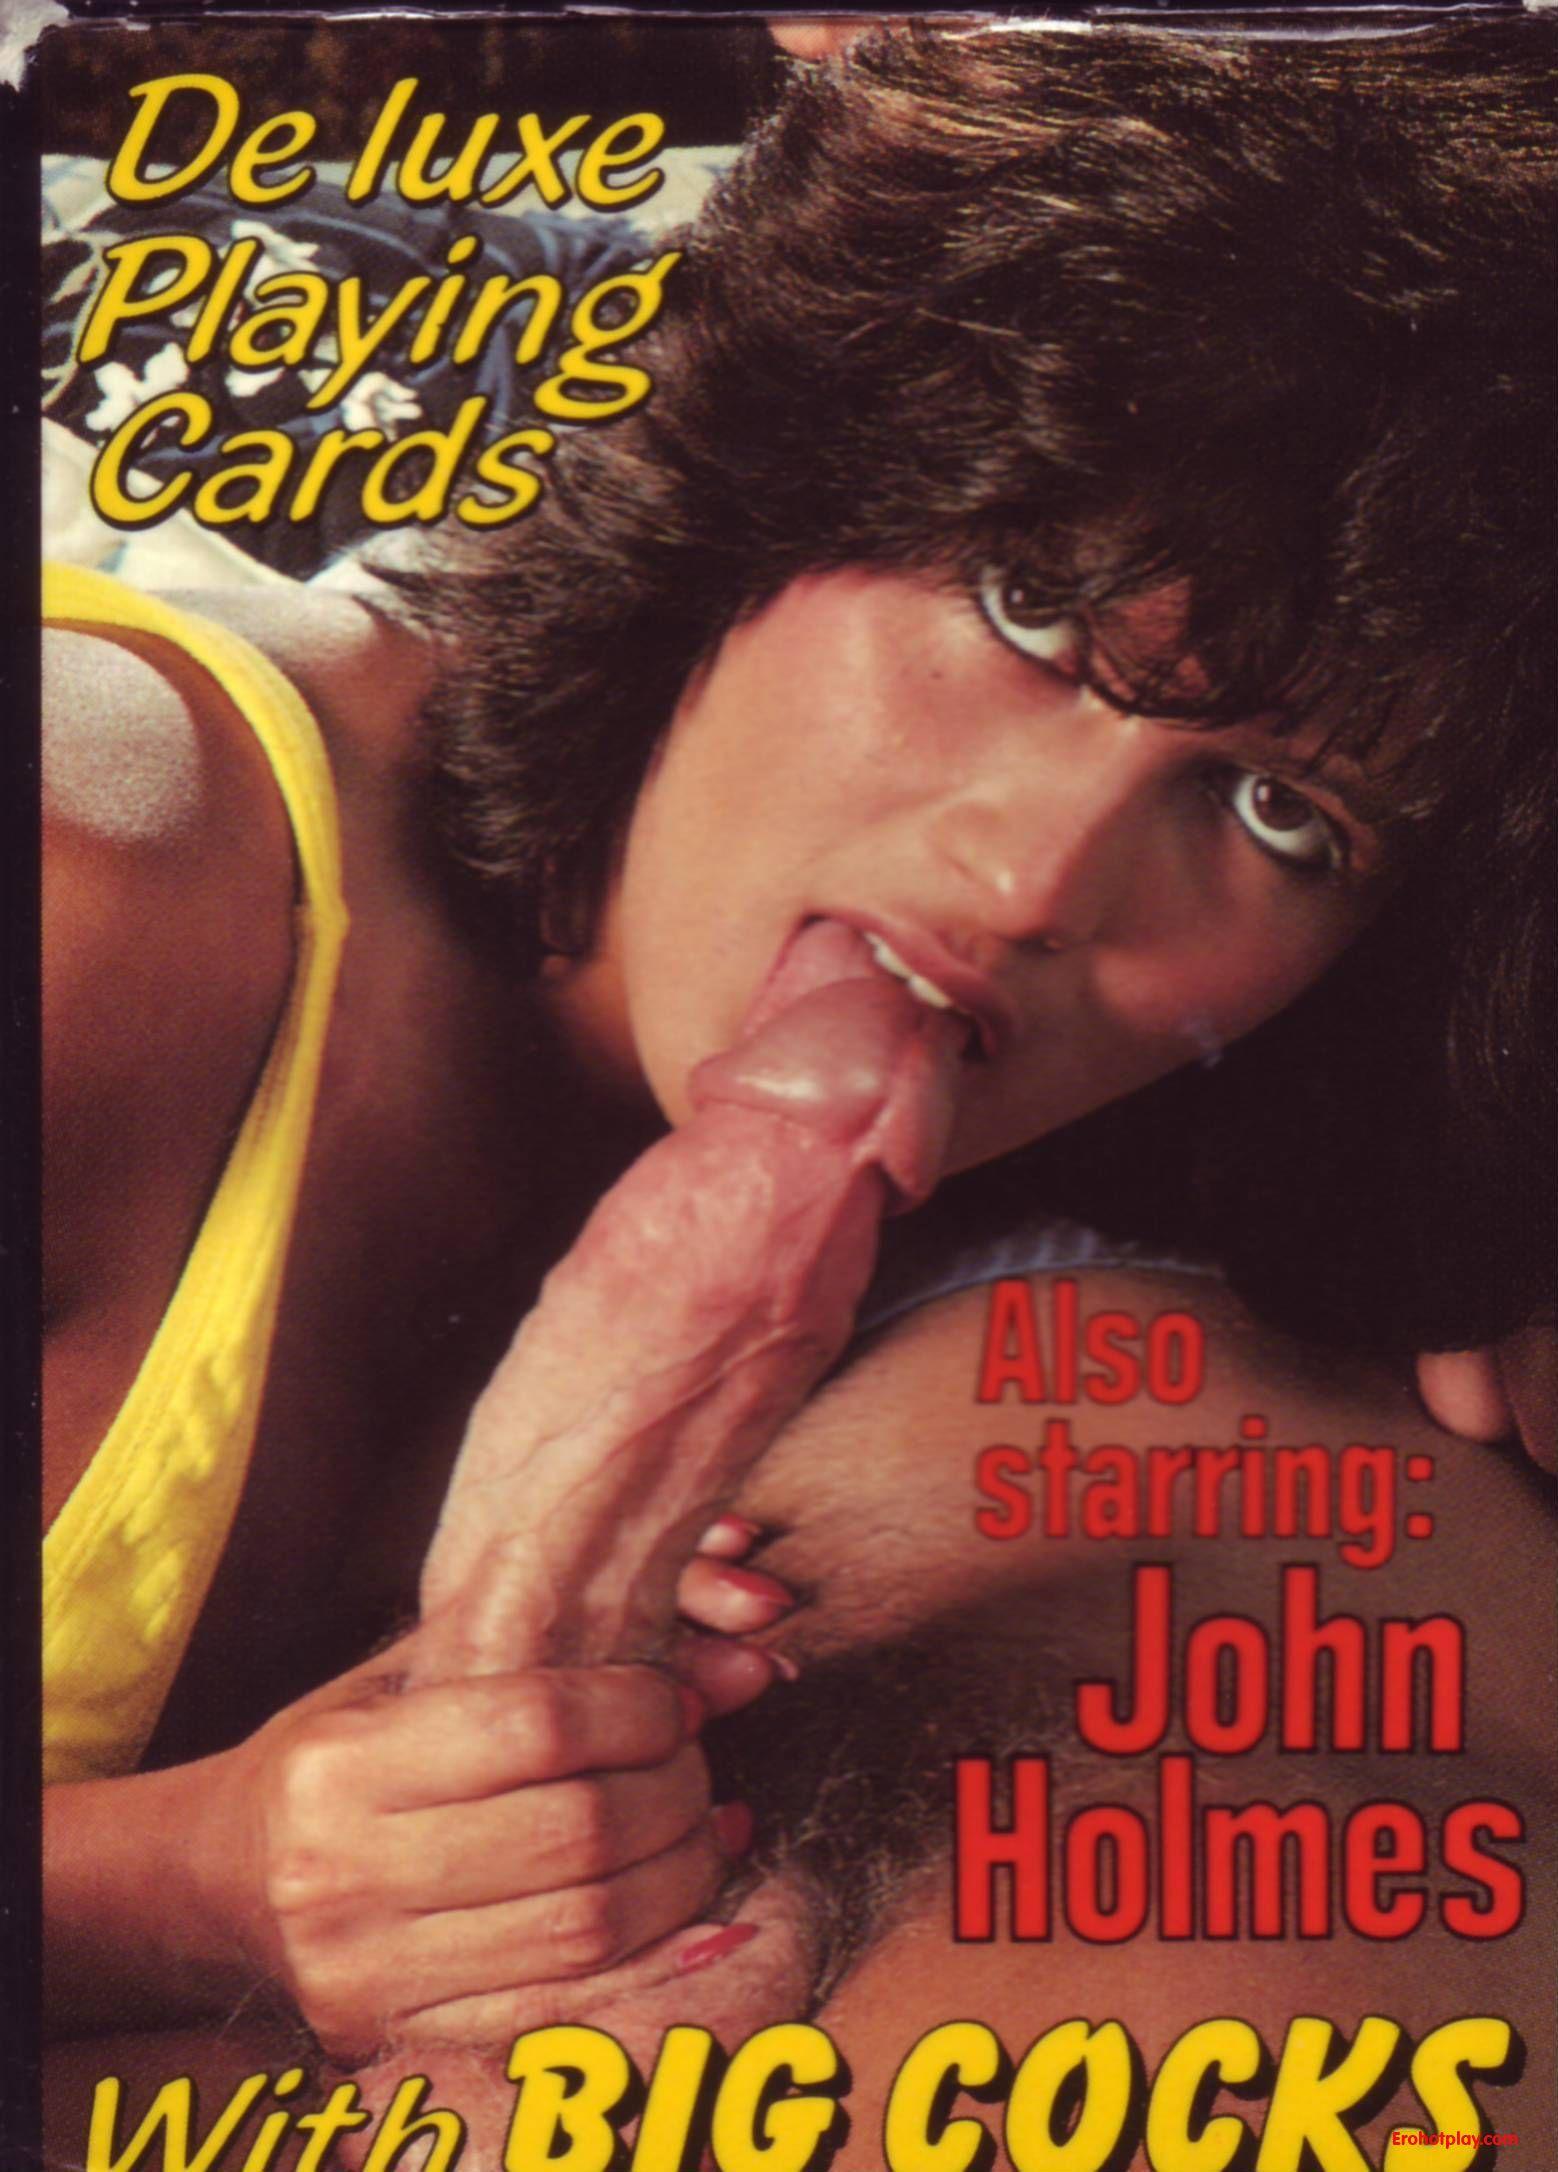 Порно: джон холмес: фильмы с его участием фото 171-461